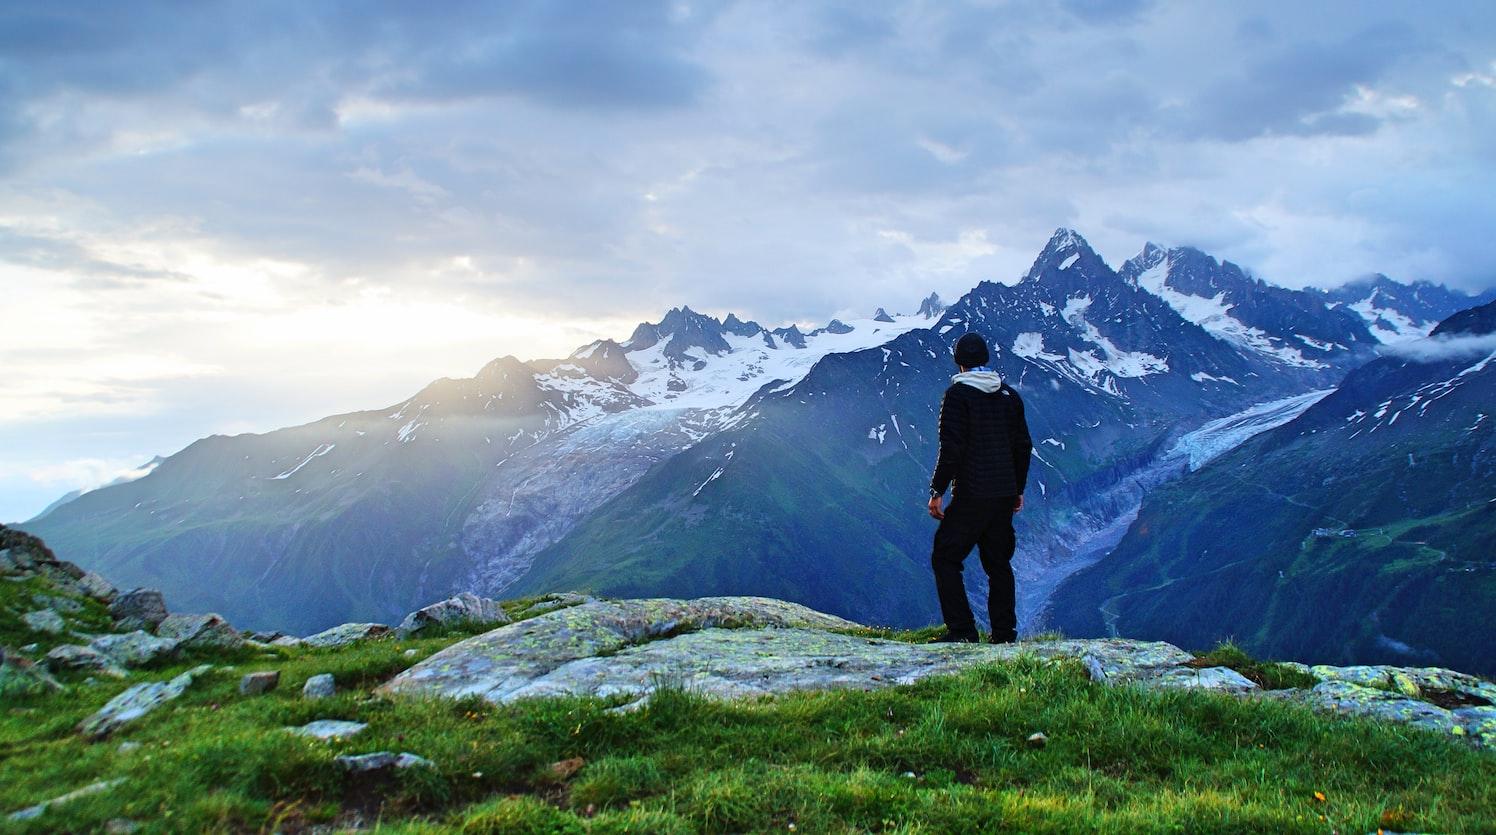 做好爬山高度及體能適應 玉管處統計近年急性高山病多